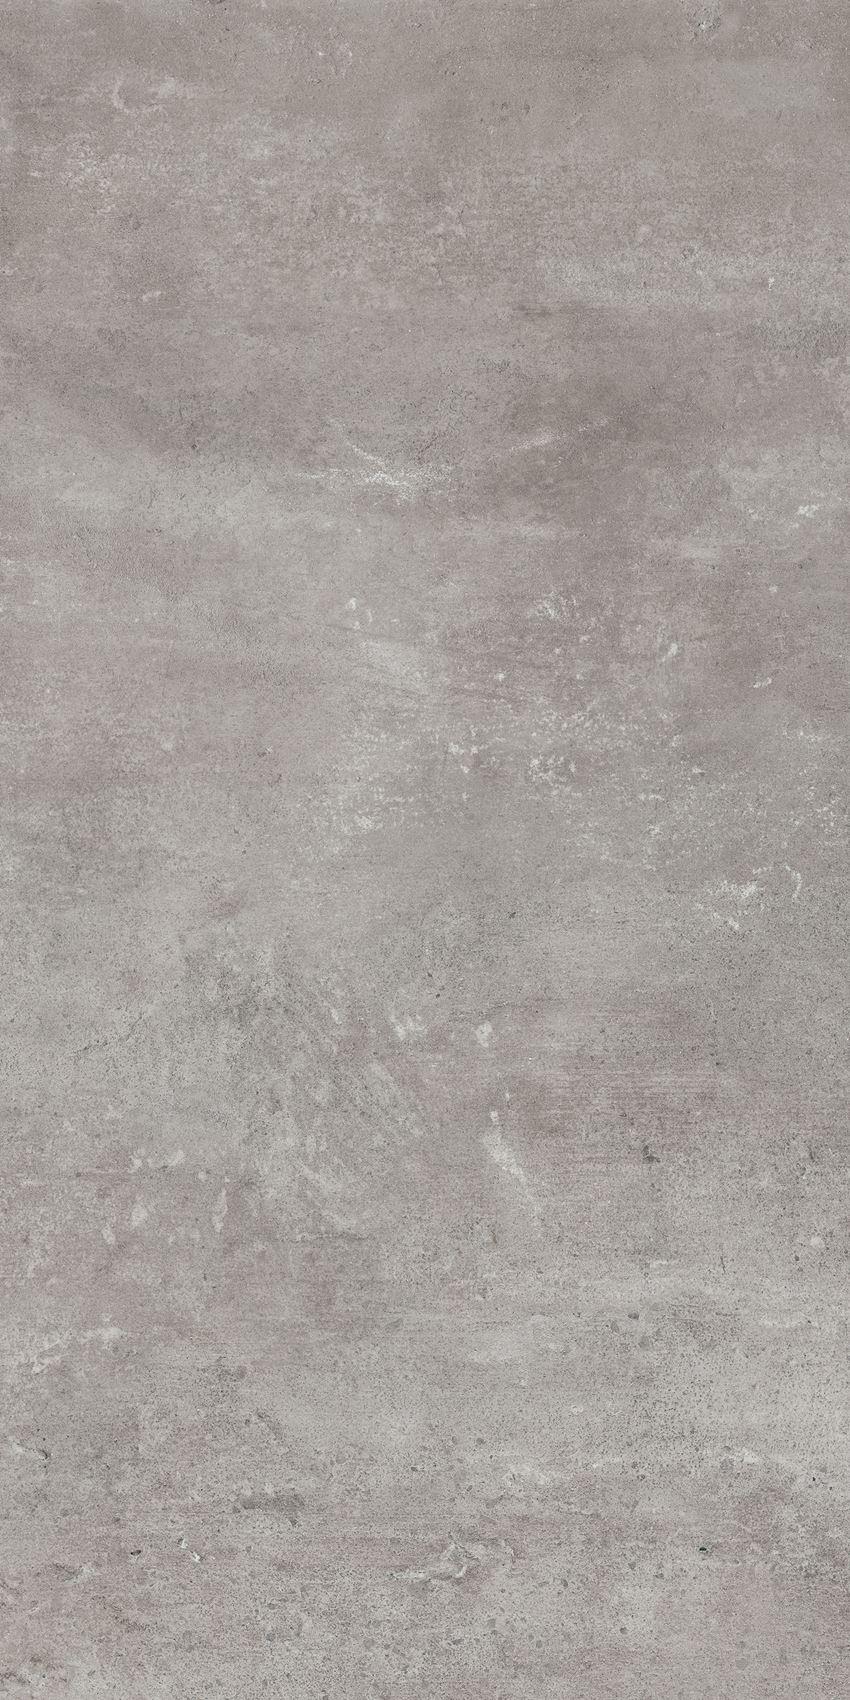 Płytka ścienno-podłogowa Cerrad Softcement silver 60x120 2